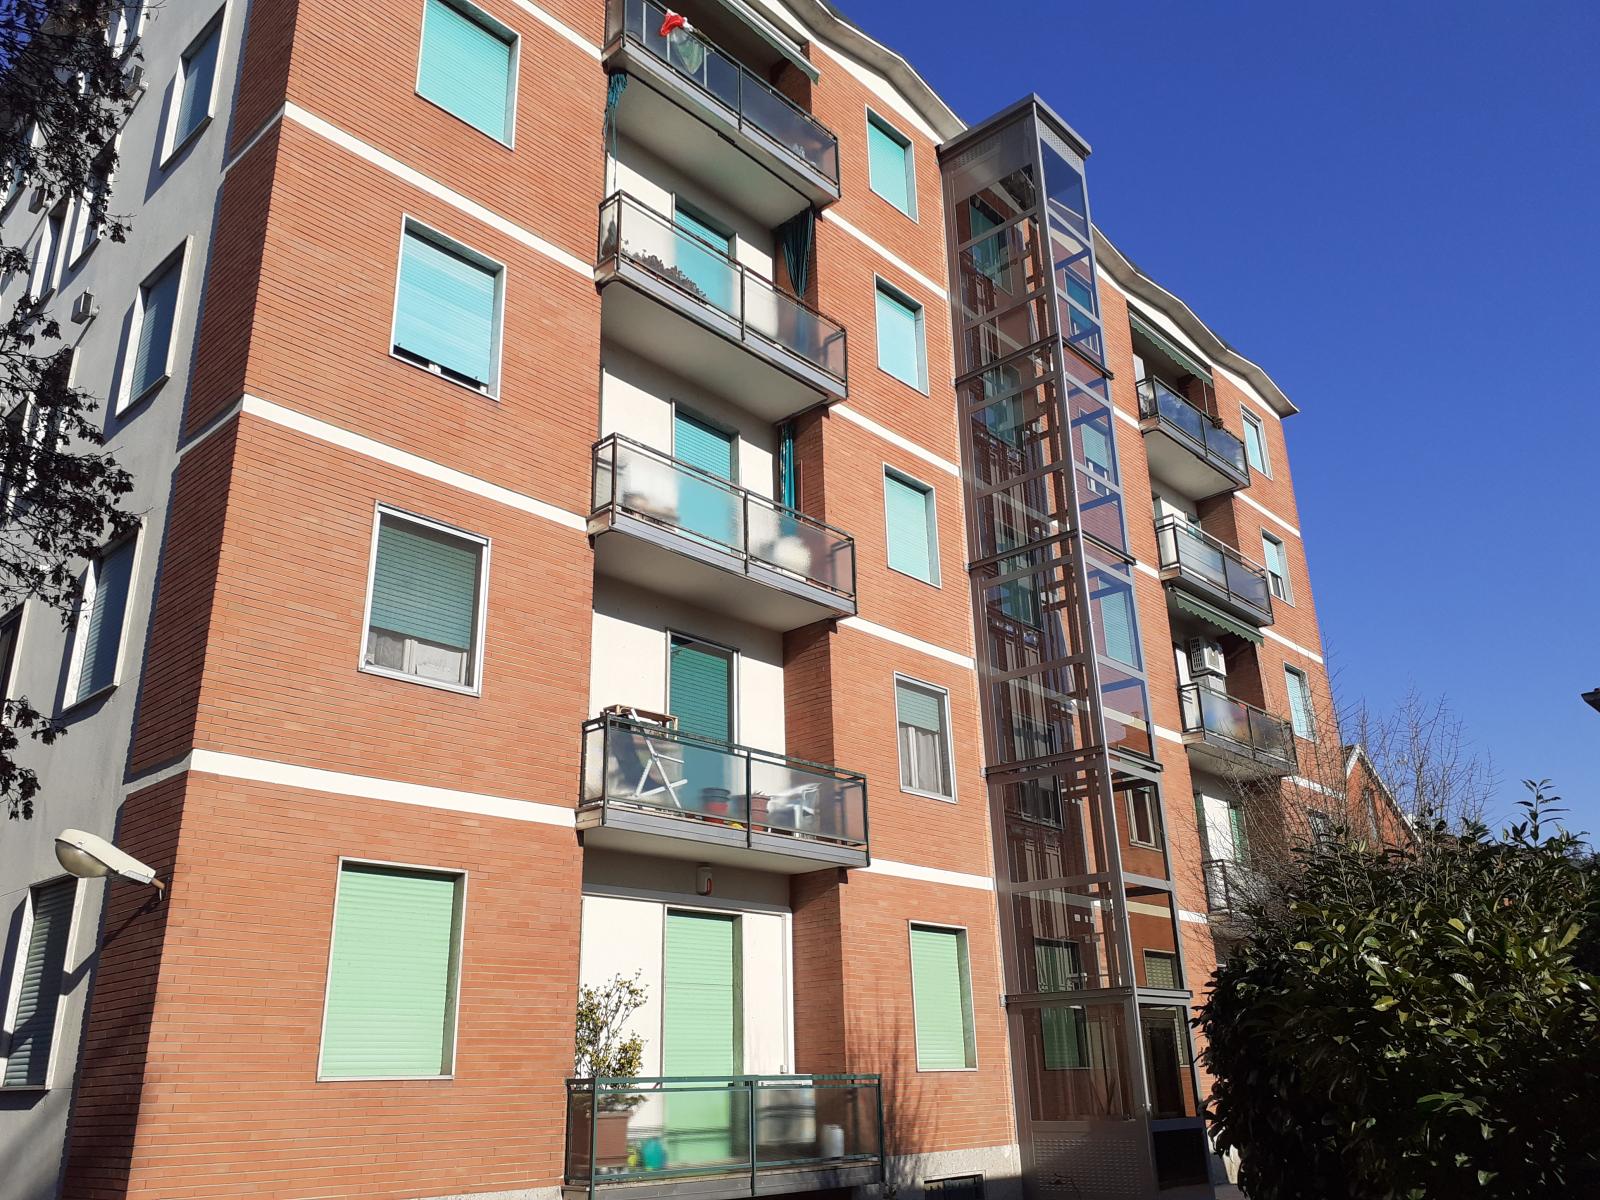 appartamento-in-vendita-a-milano-baggio-via-bagarotti-spaziourbano-immobiliare-vende-2-locali-01